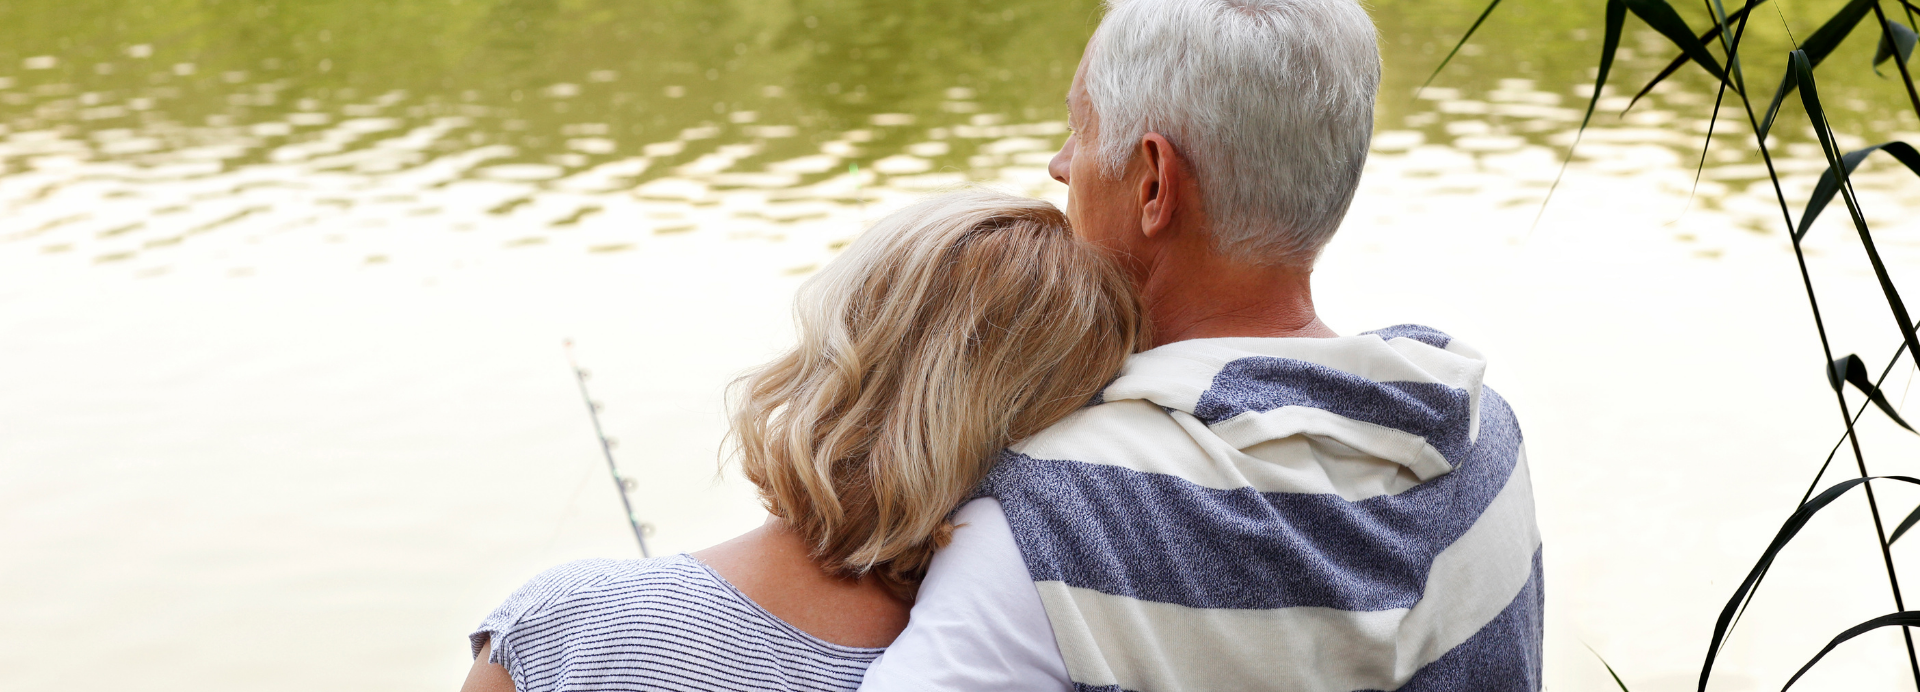 Slider_SansTexte_1920x692_Quelles sont les stratégies pour mieux vivre à deux avec le Parkinson